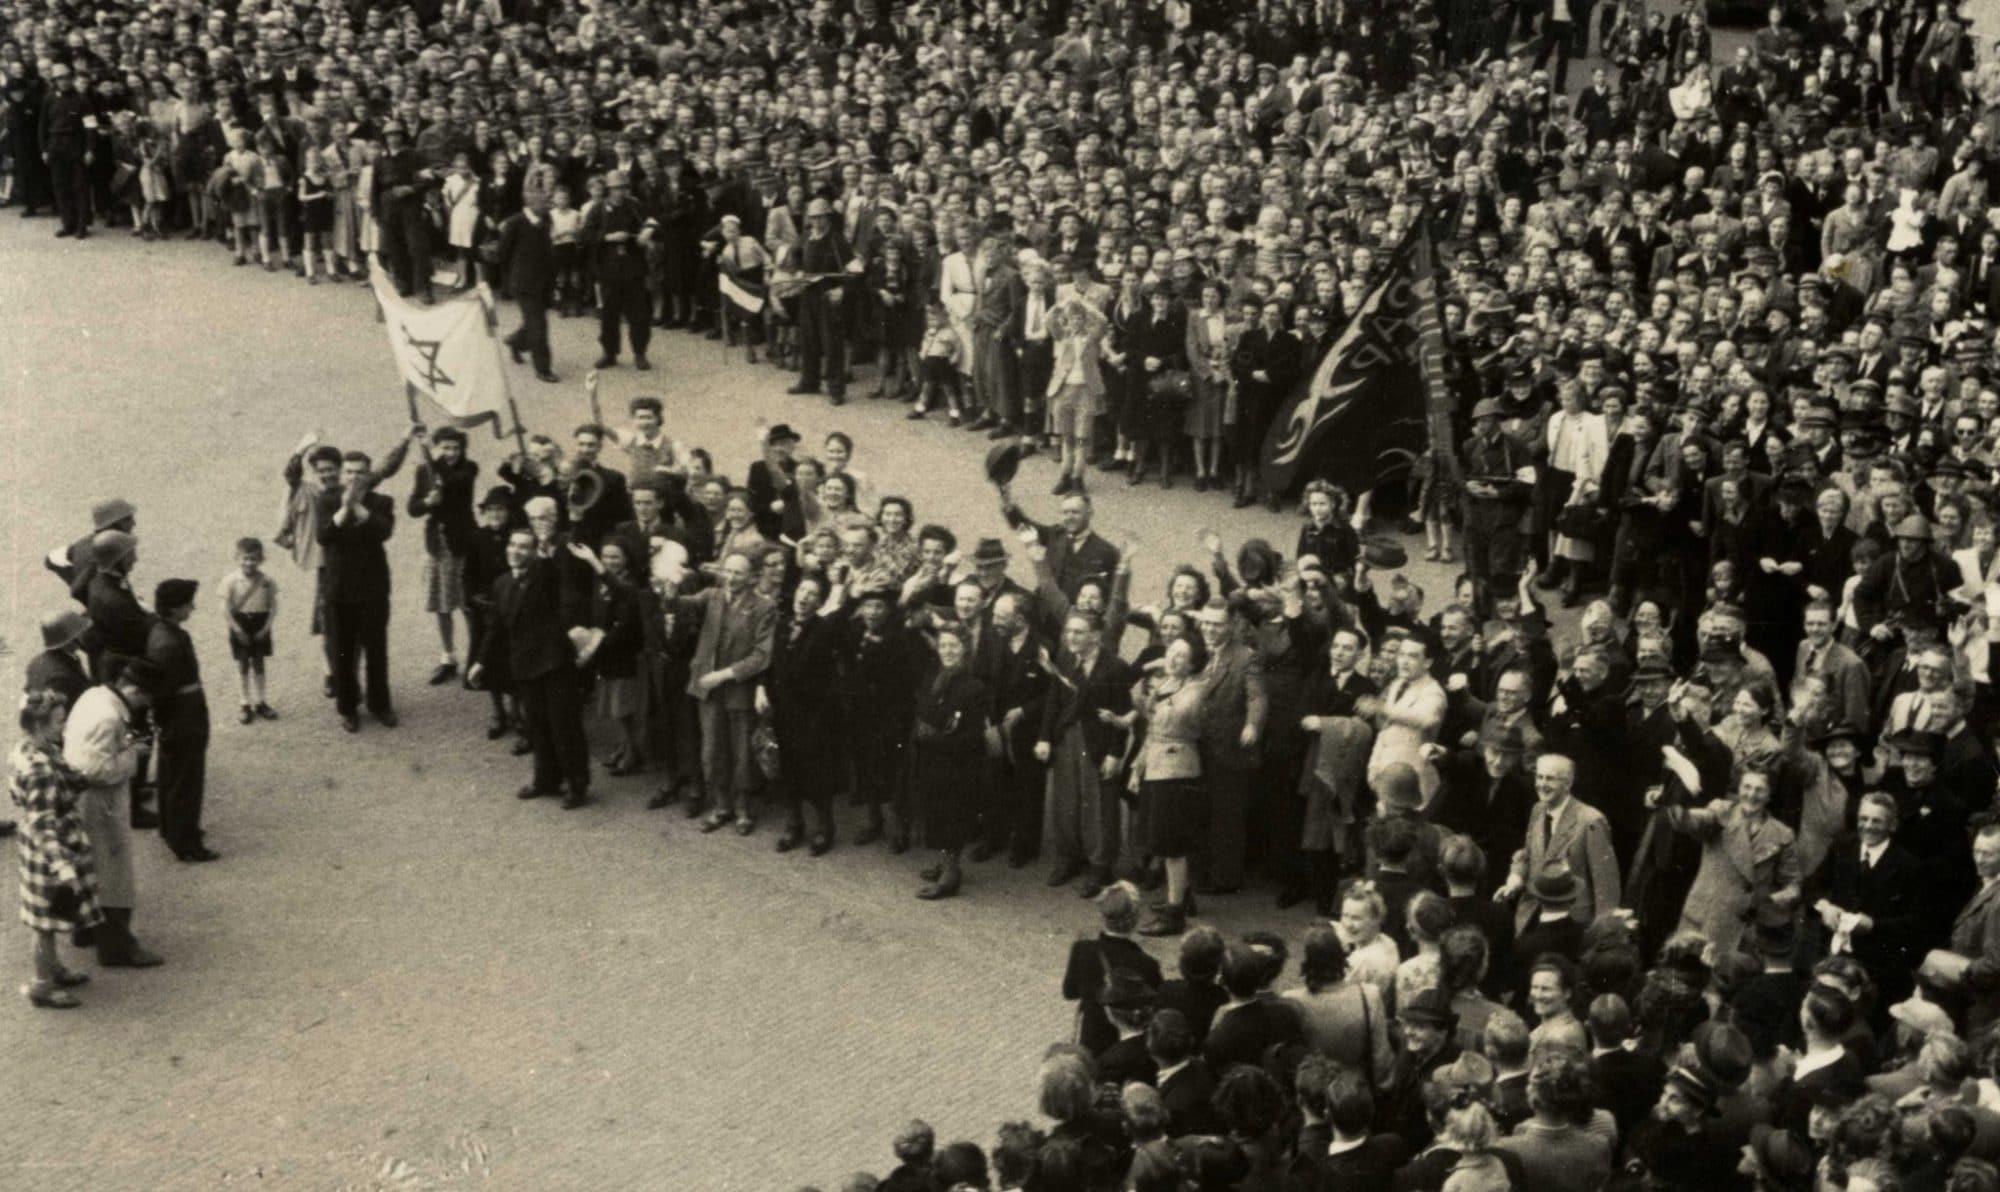 Joodse overlevenden tijdens het bevrijdingsdefilé in Zaandam, mei 1945 (collectie Hanny Kerkhoven en GAZ)